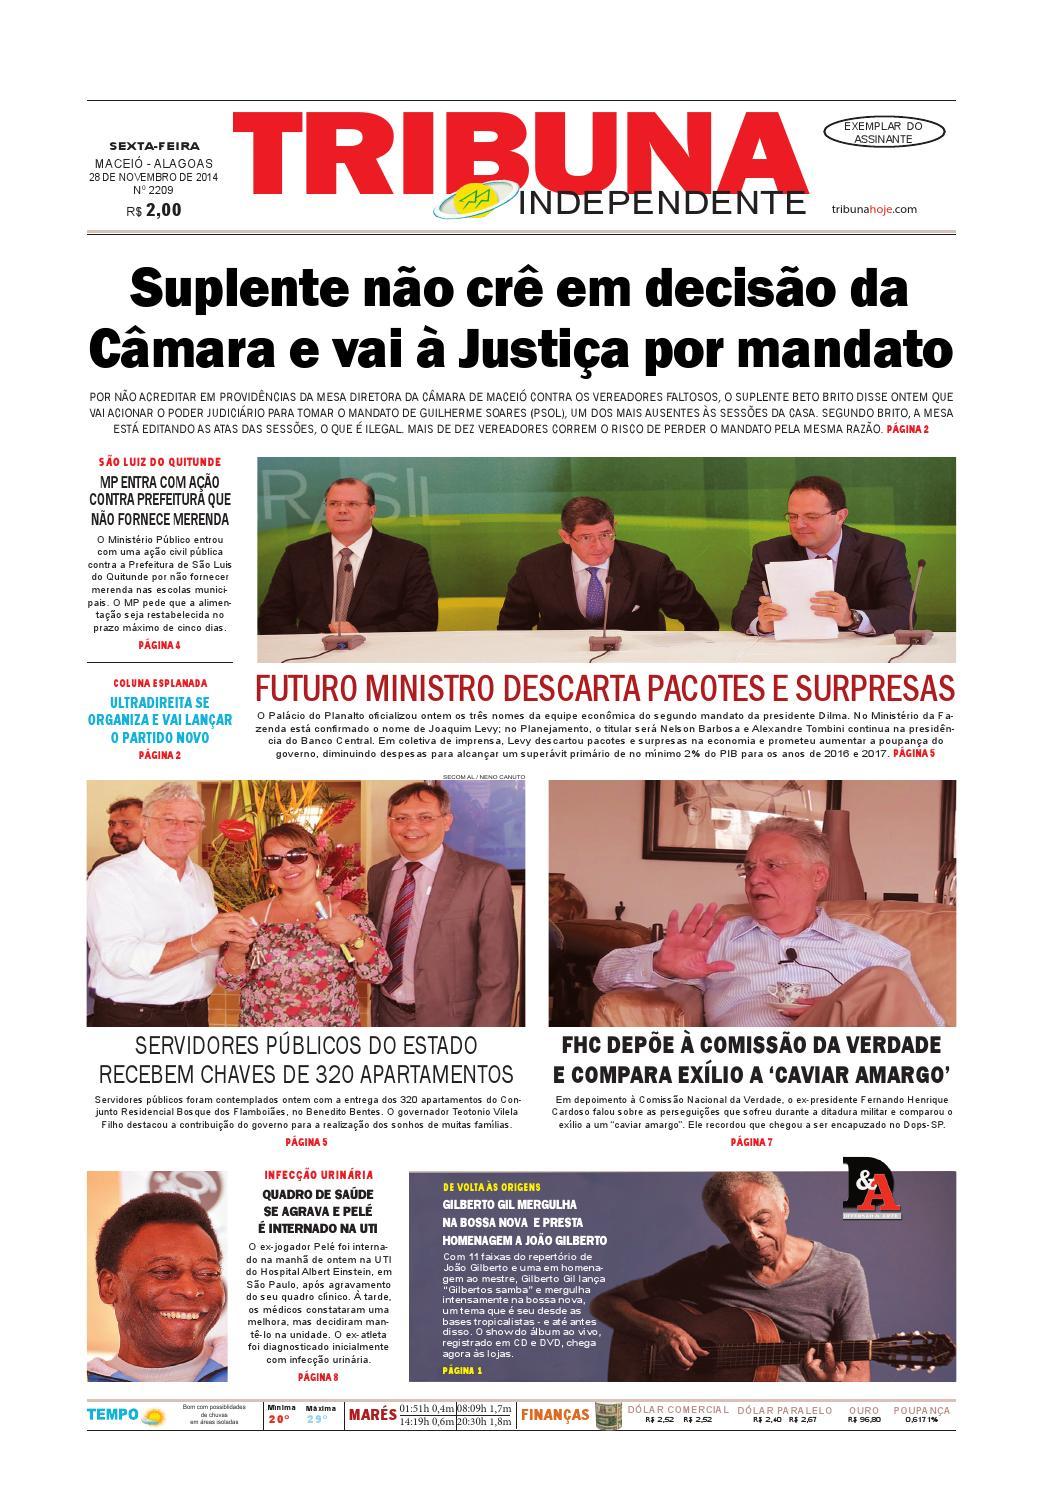 c81c0bd9da5 Edição número 2209 - 28 de novembro de 2014 by Tribuna Hoje - issuu